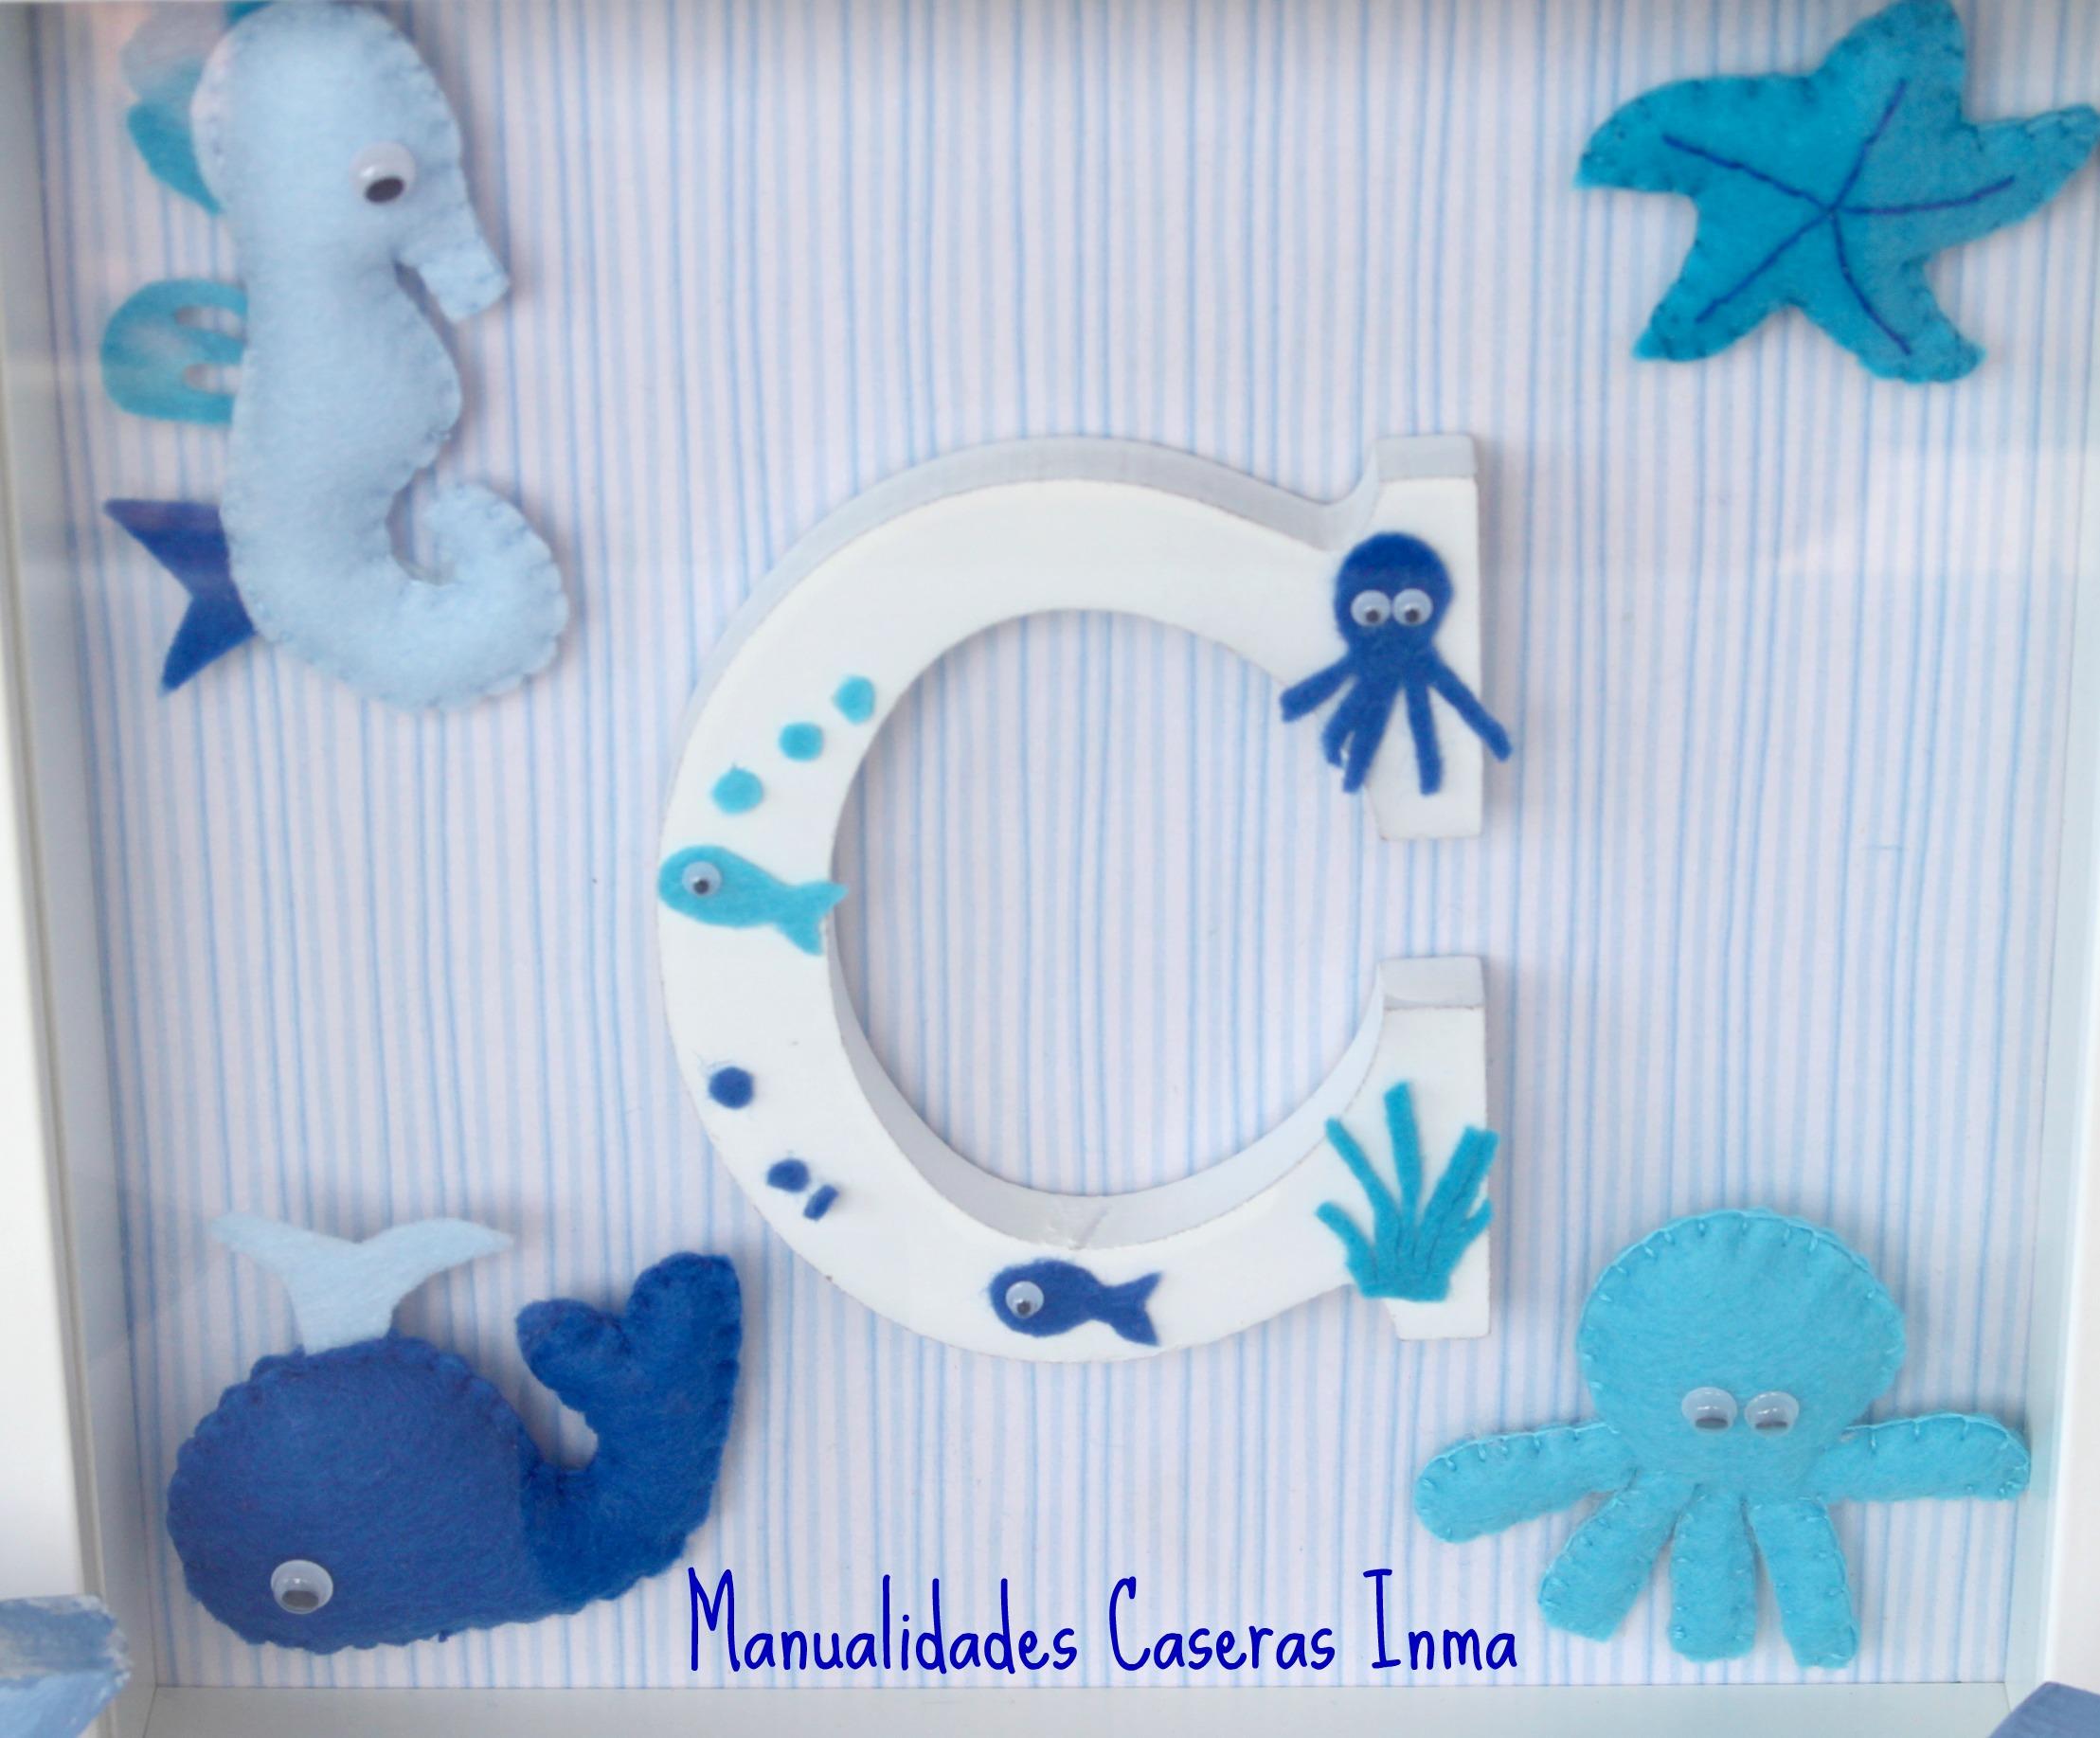 Manualidades Caseras Inma_ Detalle de cuadro de animales marinos e inicial